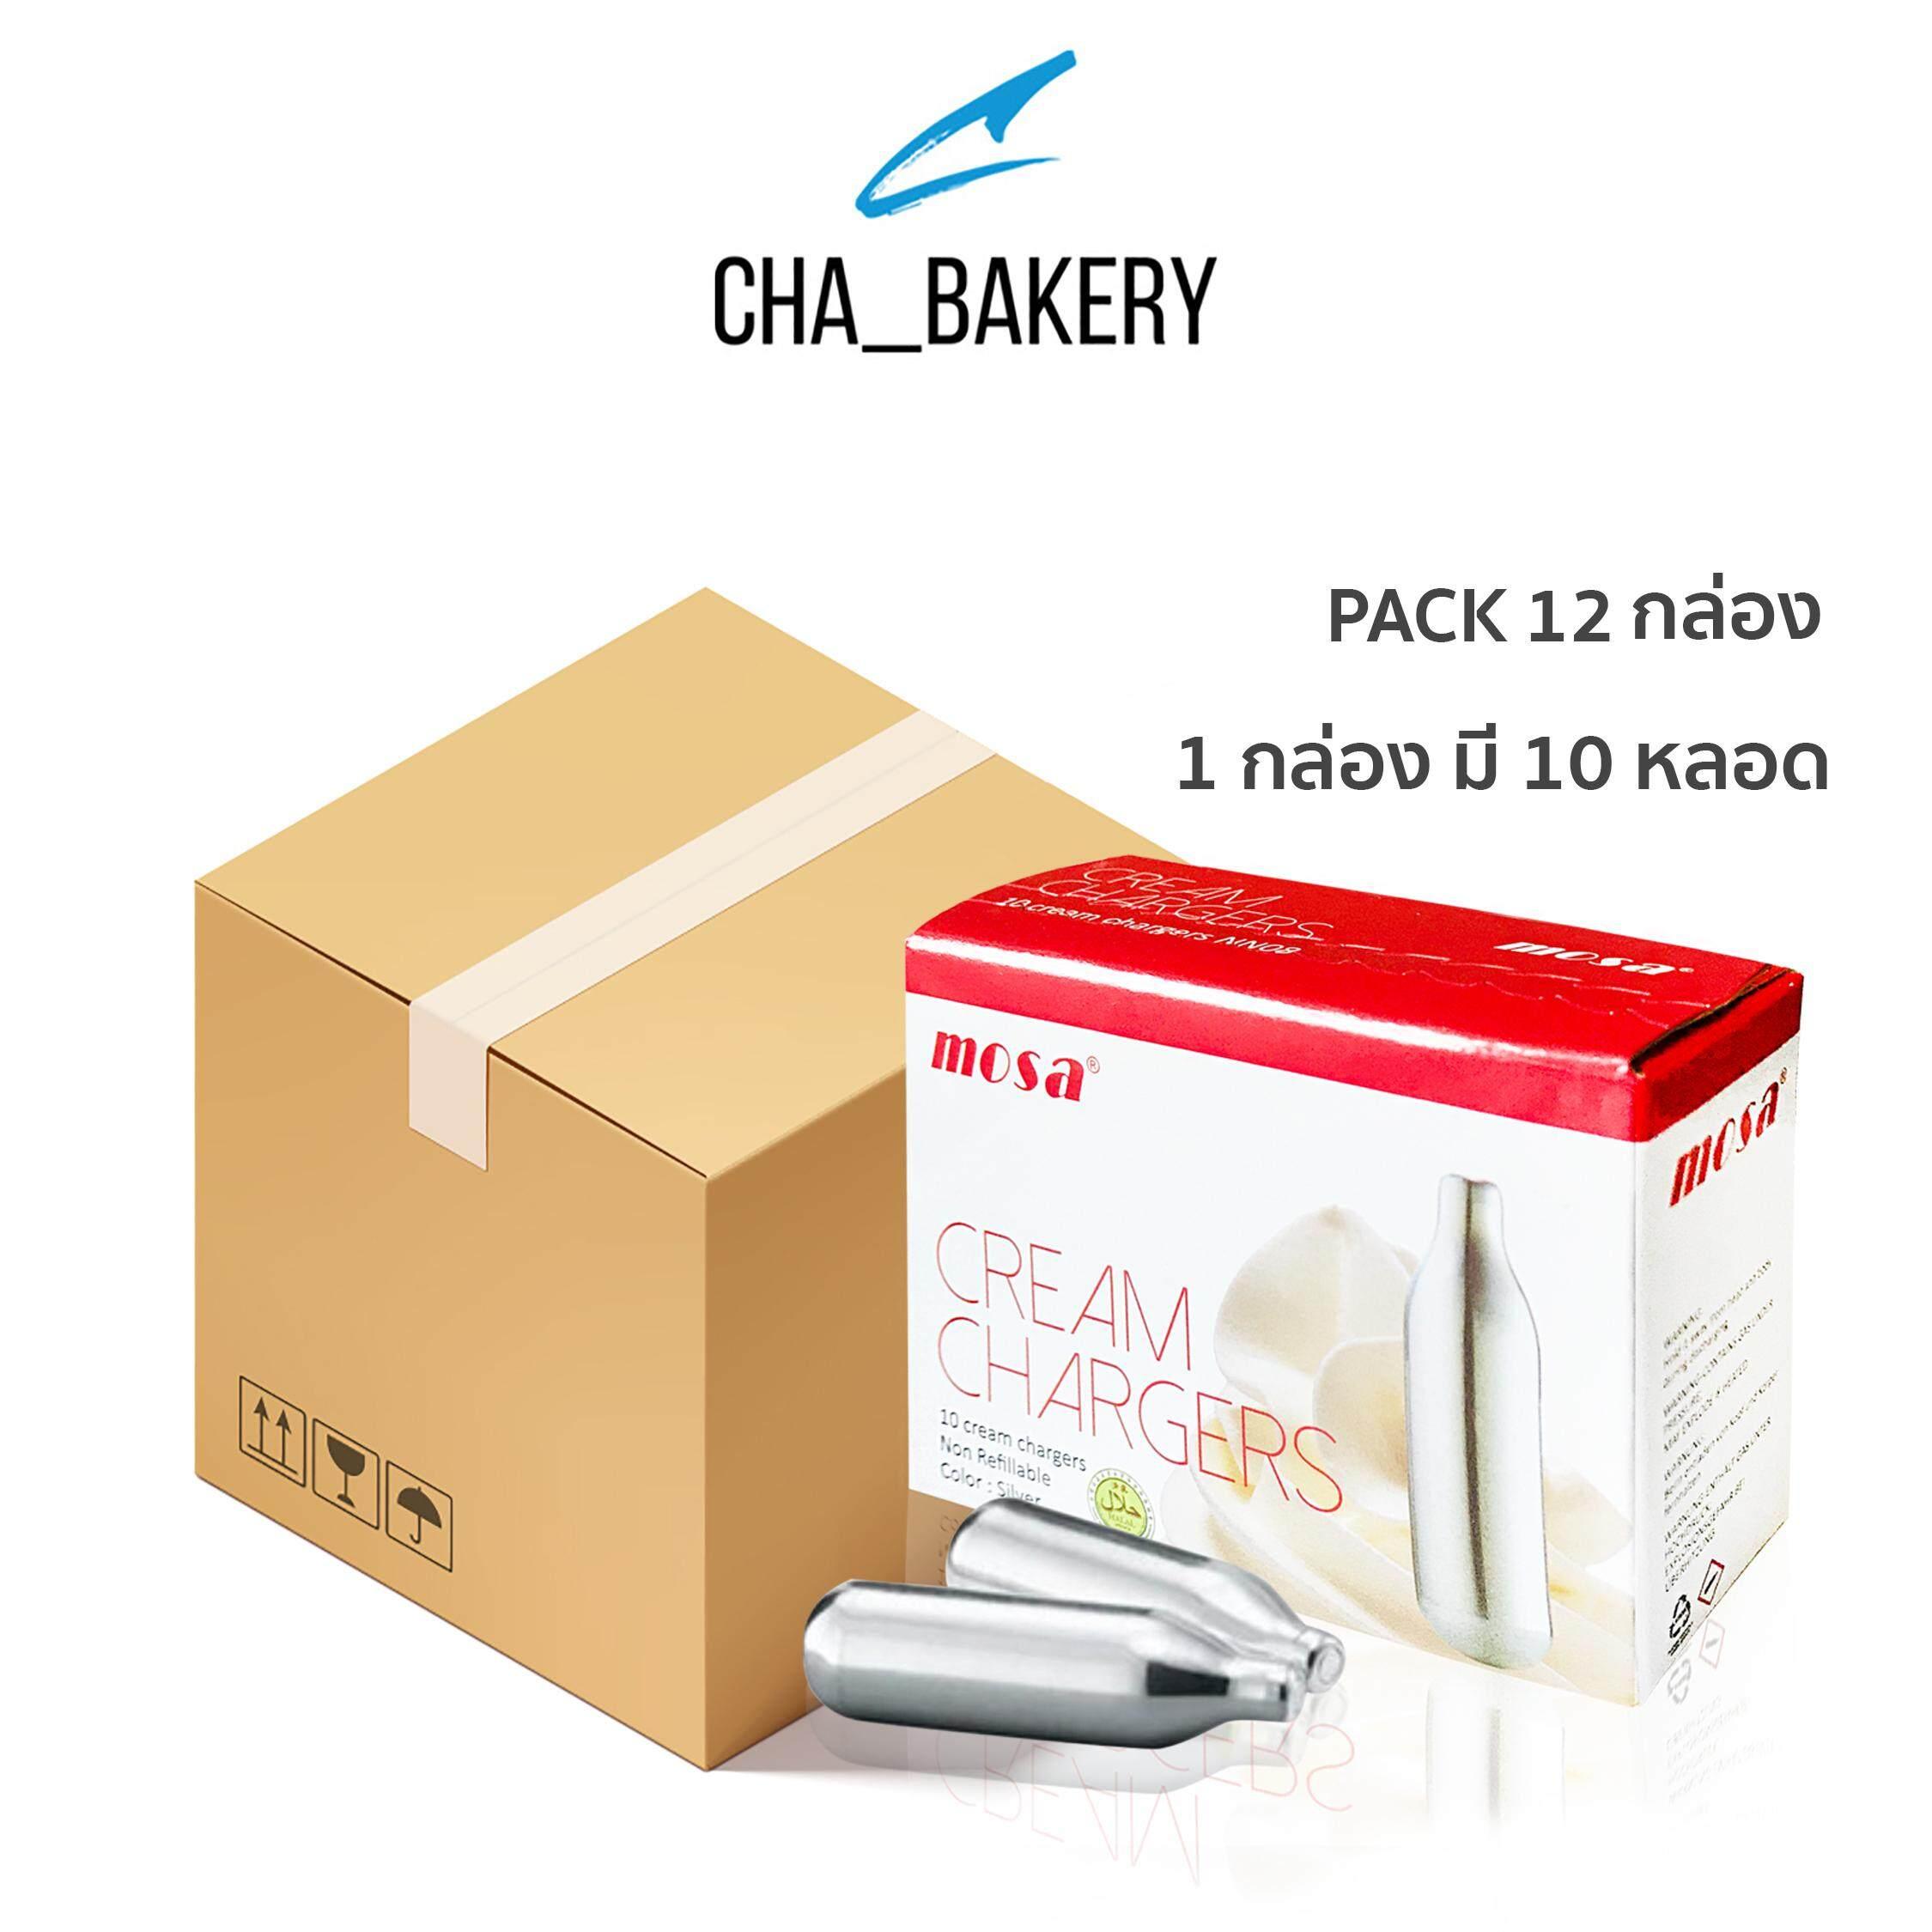 Mosa แก๊สสำหรับกระบอกวิปปิ้งครีม 1 กล่อง/10 หลอด(12กล่อง).